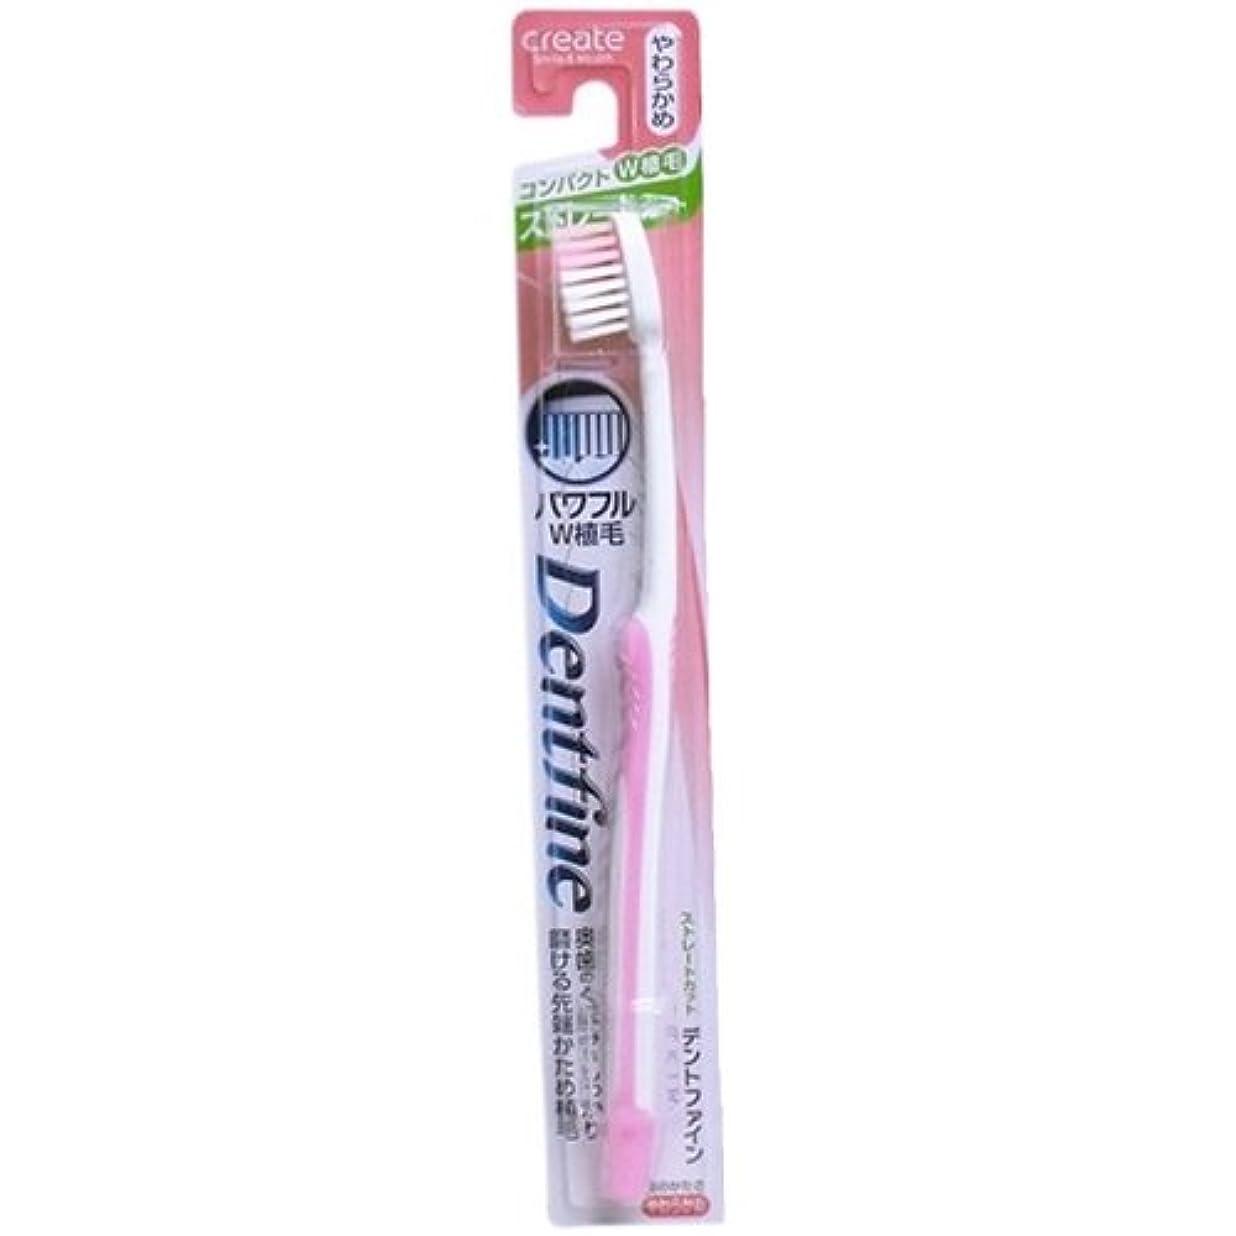 加速度製油所夜デントファインラバーグリップ ストレートカット歯ブラシ やわらかめ 1本:ピンク